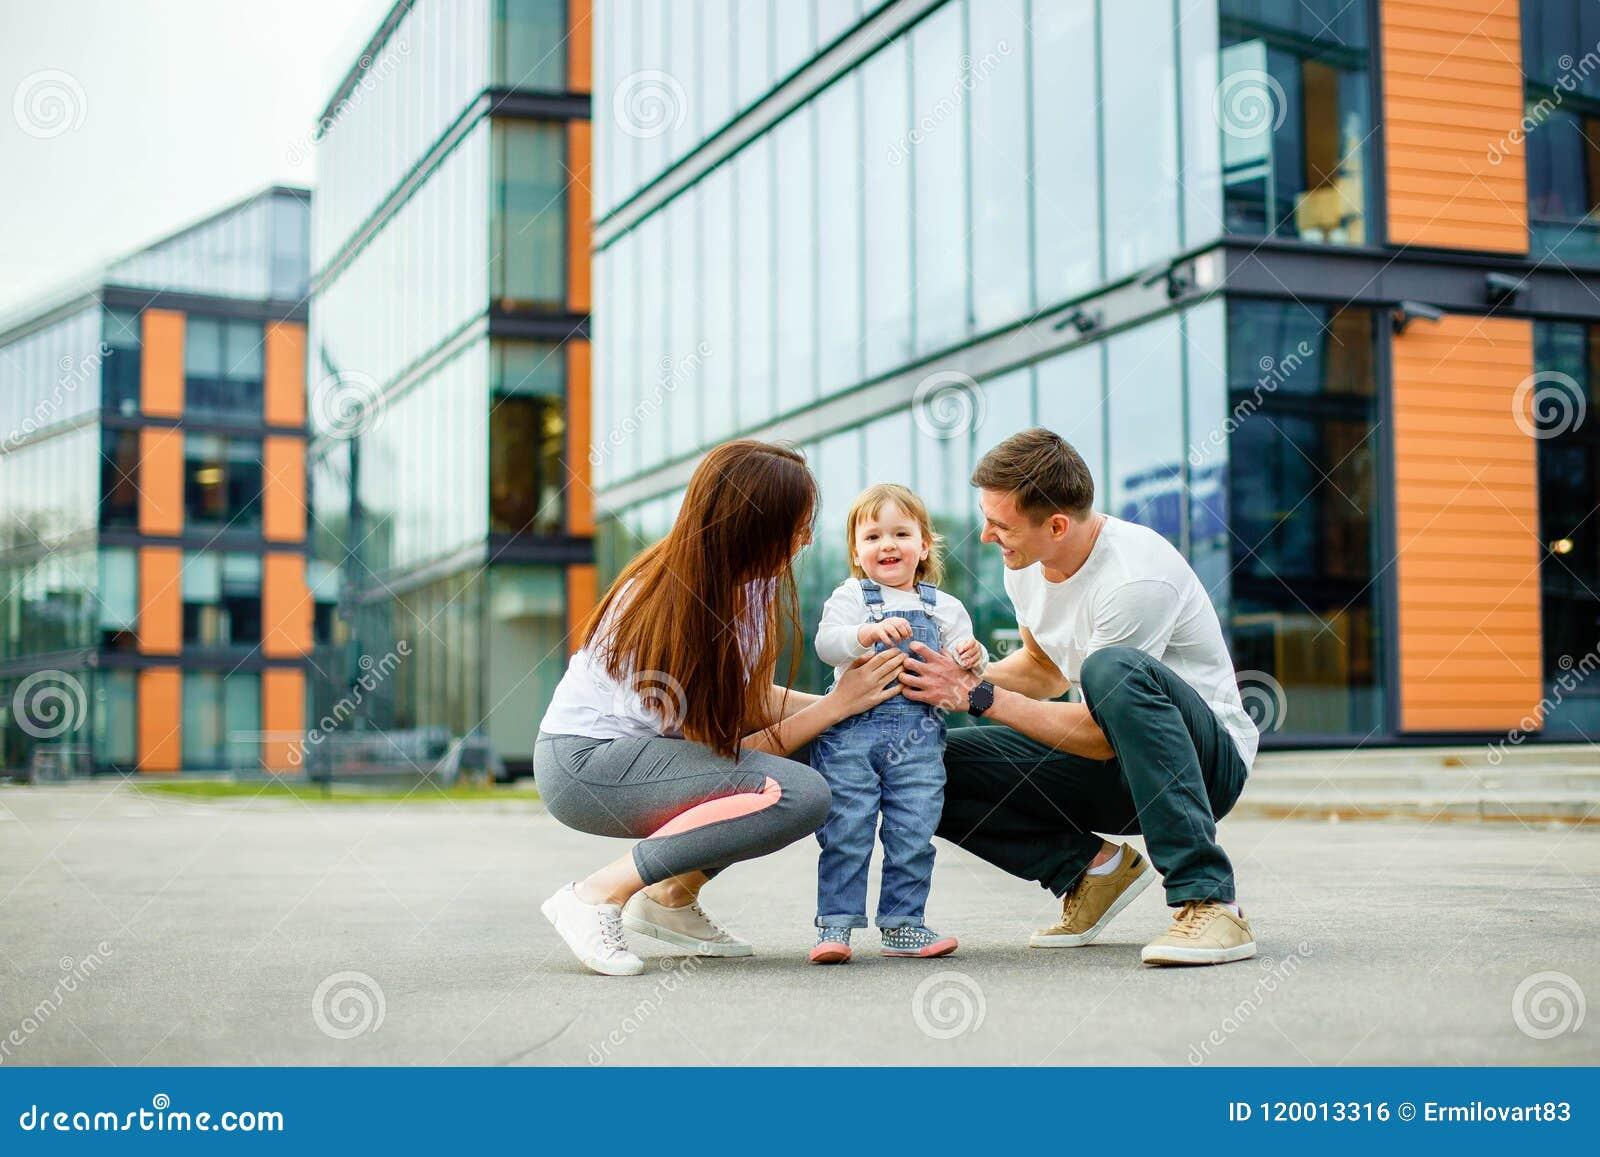 Семья из трех человек портрета счастливая Играть молодых родителей усмехаясь с их маленькой дочерью пока идущ через улицы